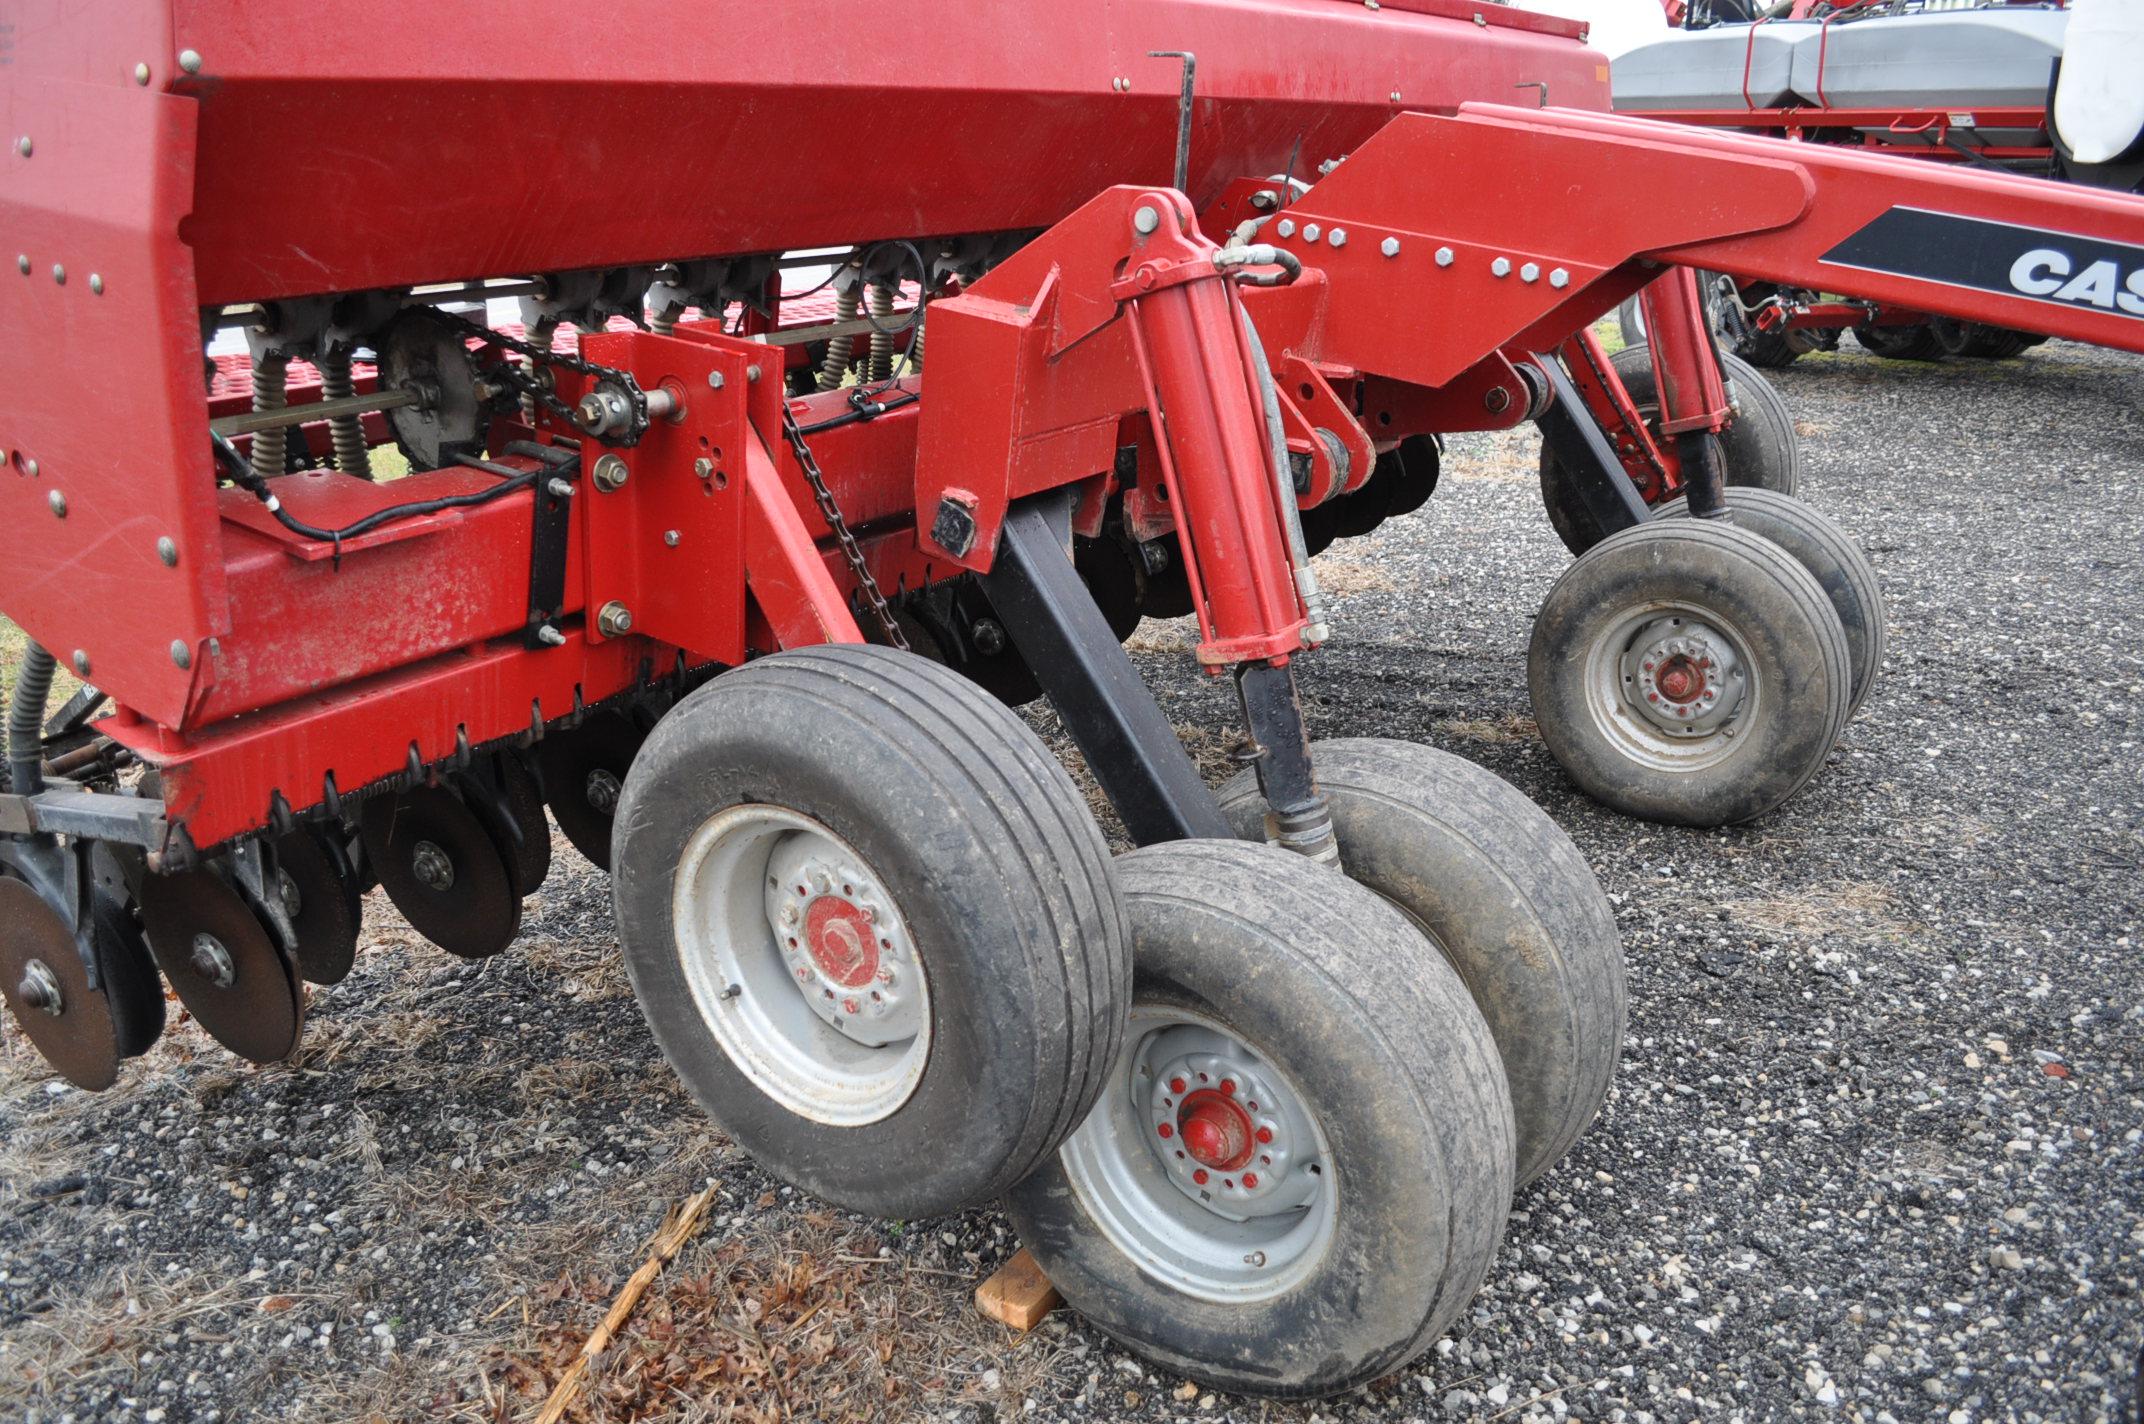 """Case IH 5400 grain drill, 3pt no-till caddie cart, 7 ½"""" spacing, 2 bar coil tine drag, Remlinger - Image 13 of 13"""